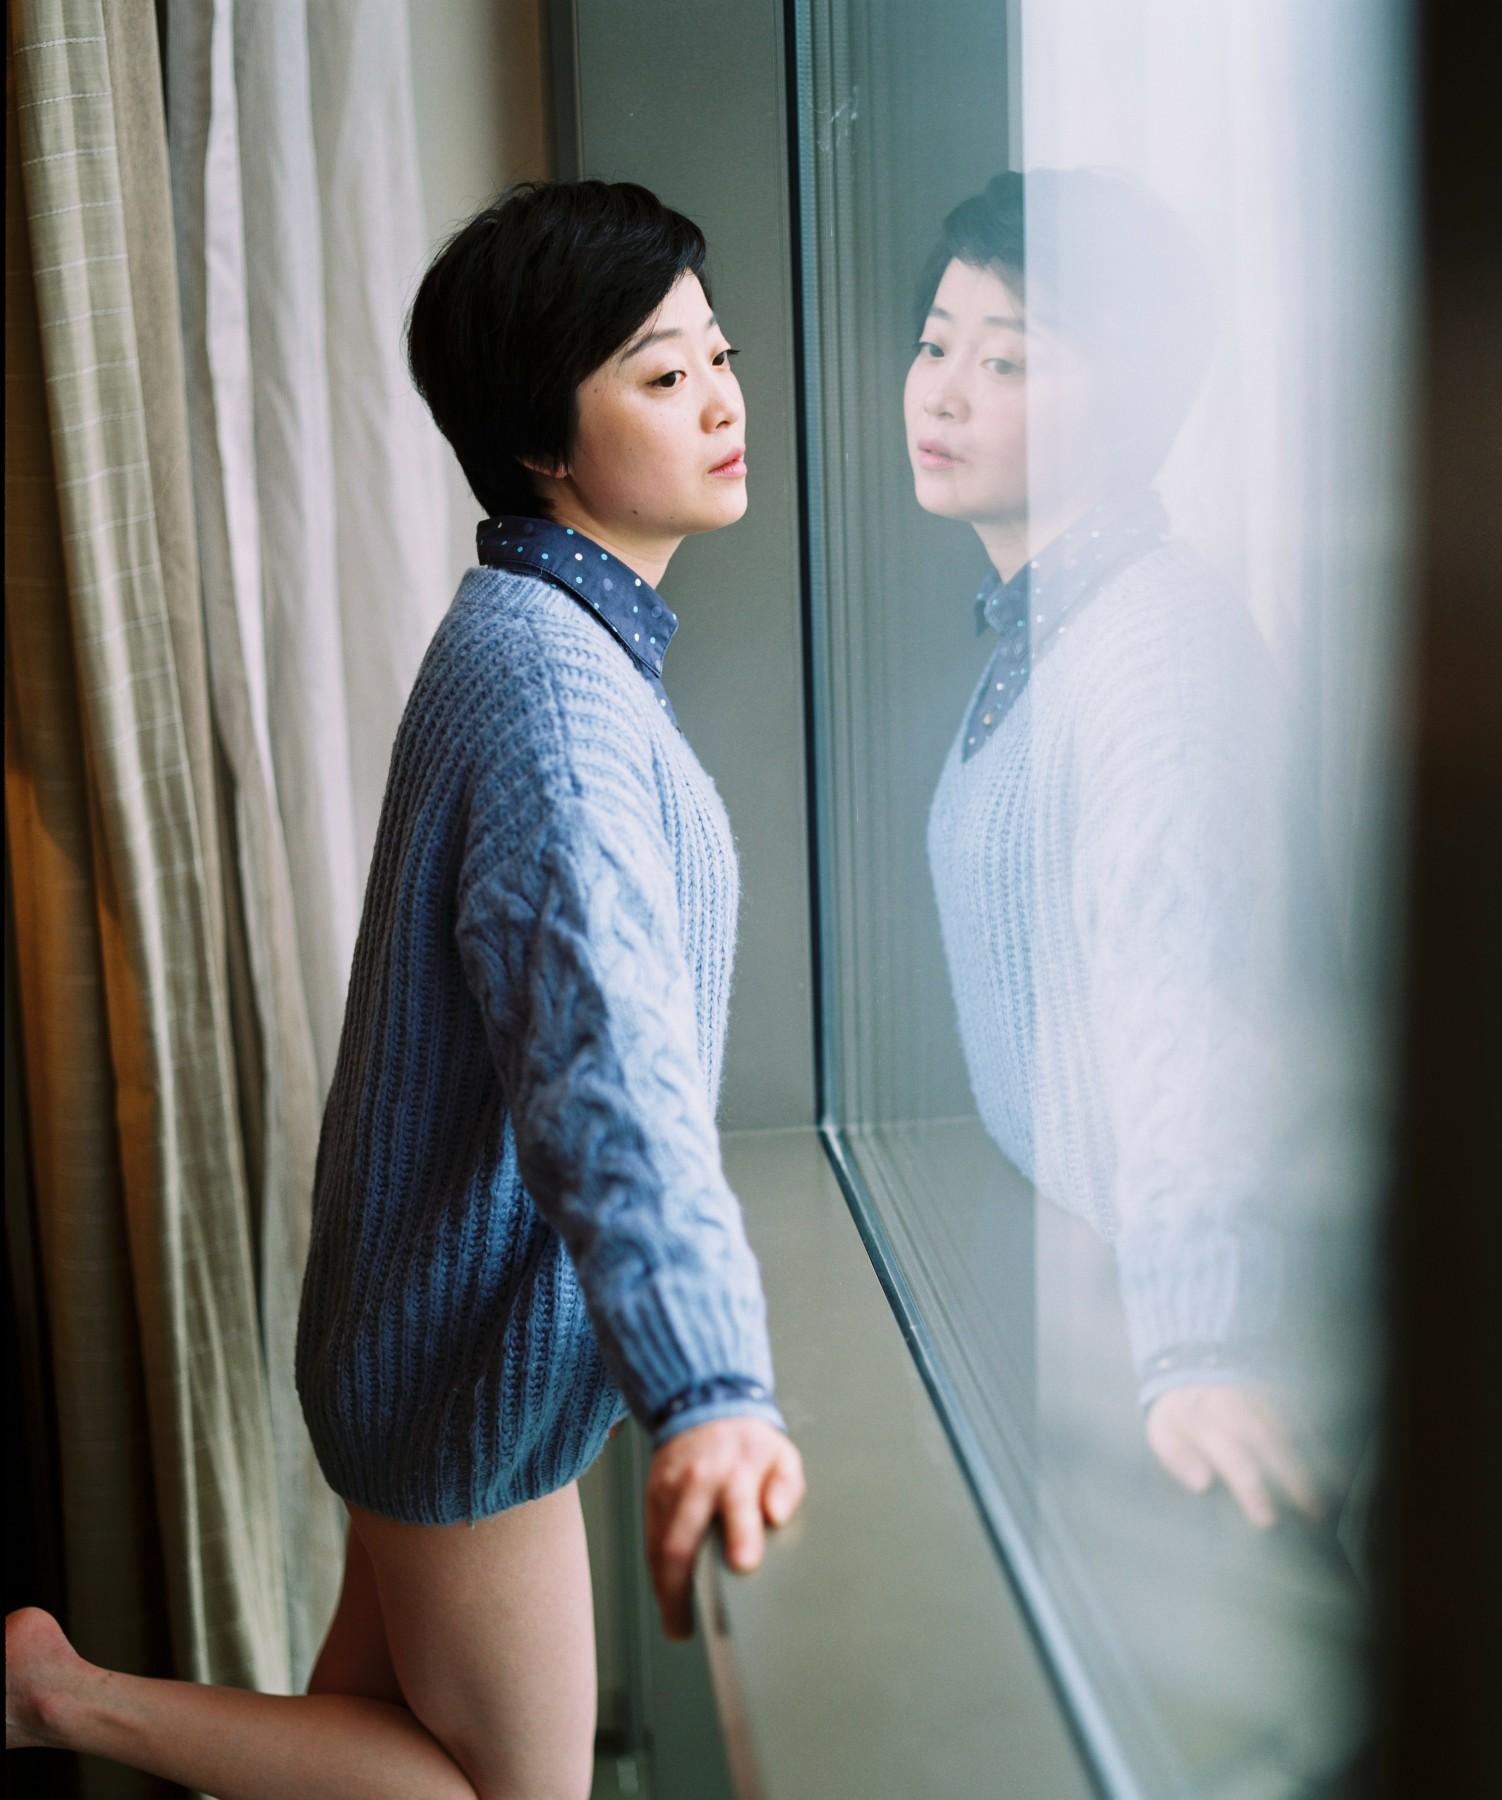 我会一直爱你-菲林中文-独立胶片摄影门户!